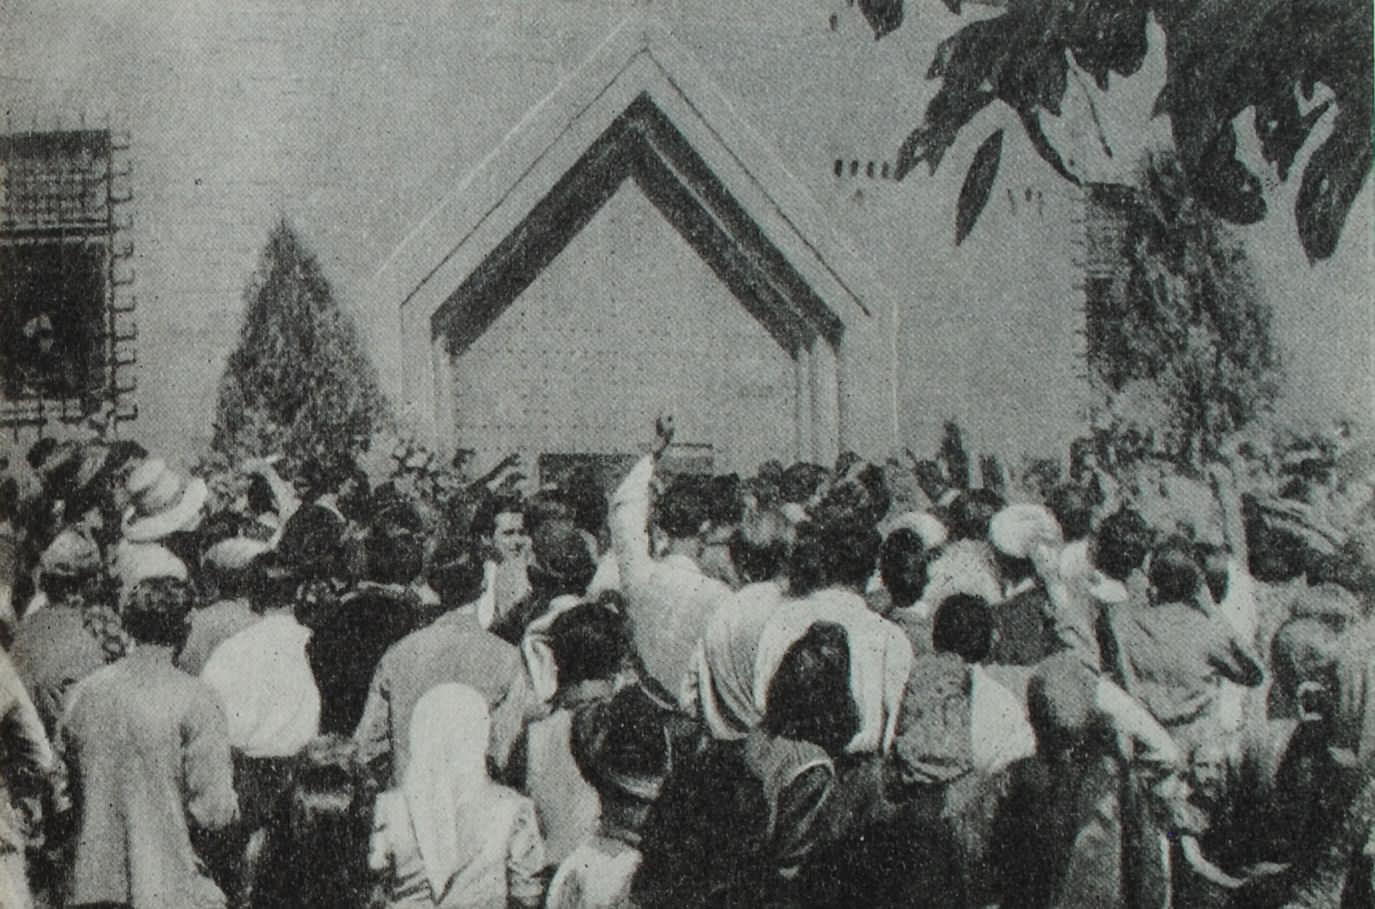 Жители Варны требуют освобождения политических заключенных. Фотография. Сентябрь. 1944 год.